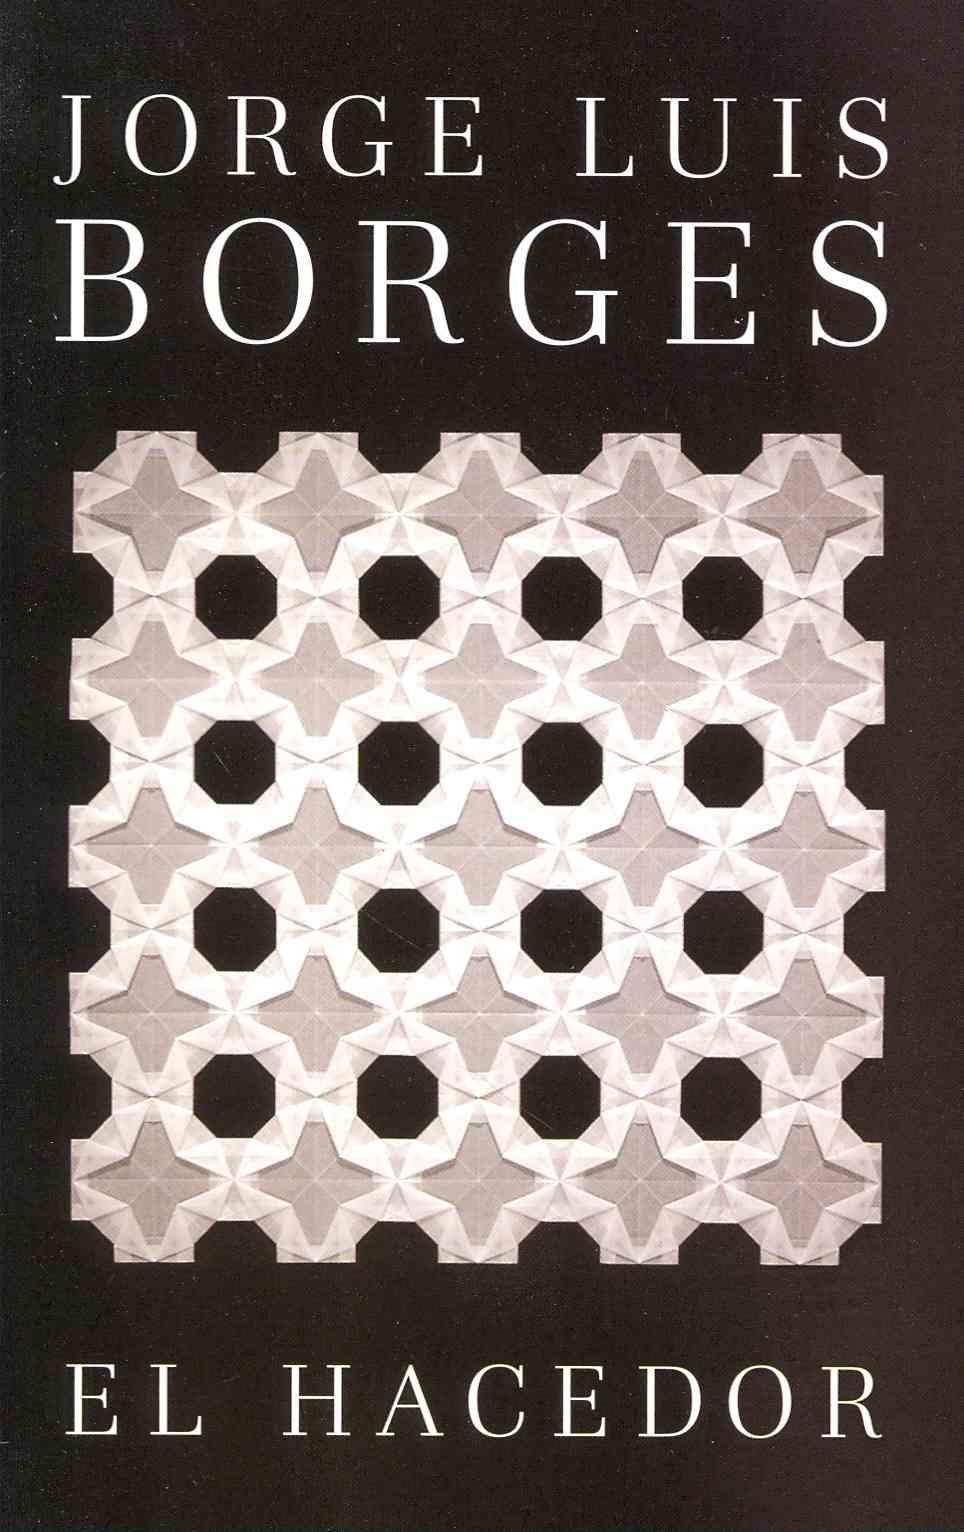 El hacedor By Borges, Jorge Luis